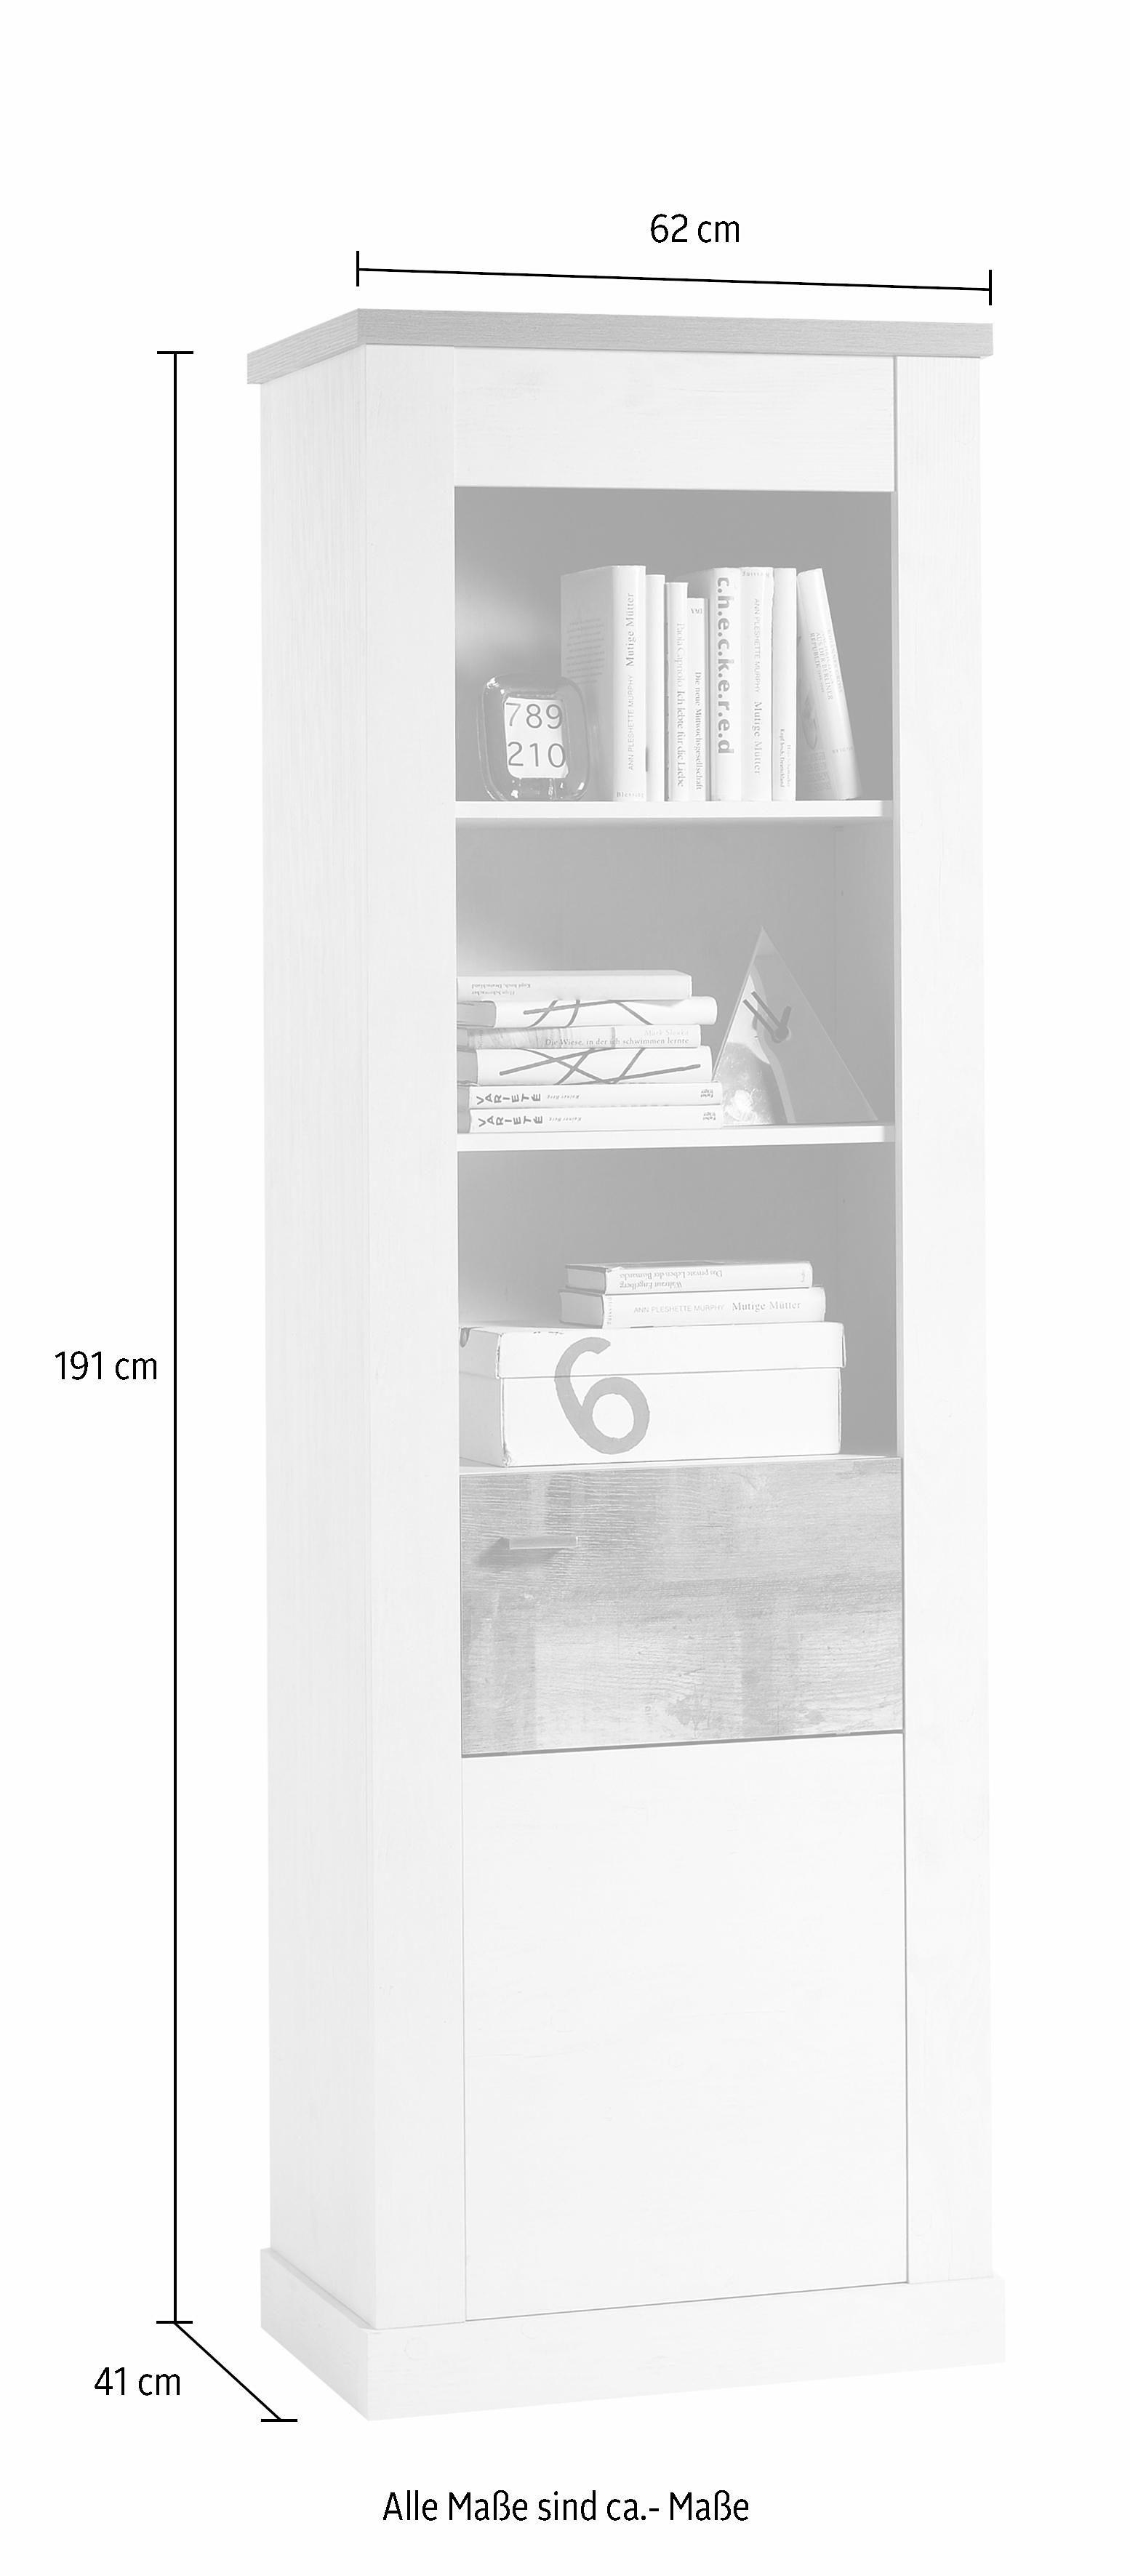 Vitrinekast»marlin Online Hoogte 1h Cm KopenOtto « 191 Nu Y7vb6fgy